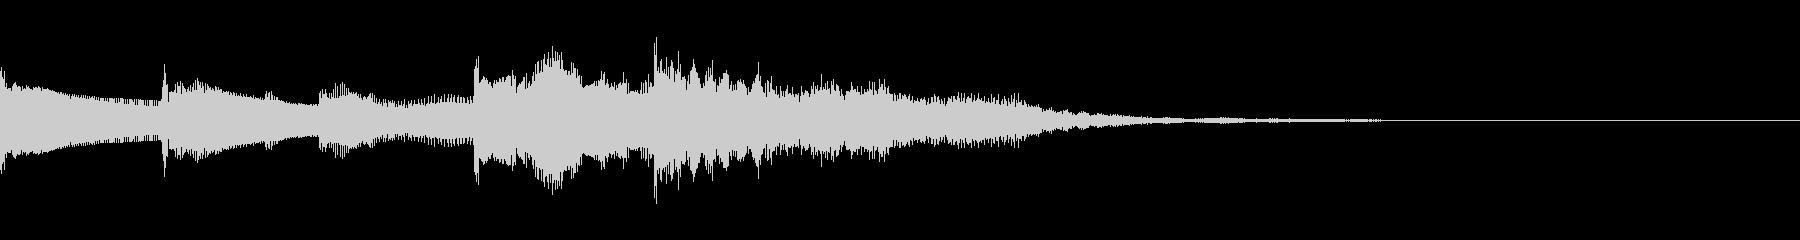 ギターアルペジオジングルの未再生の波形